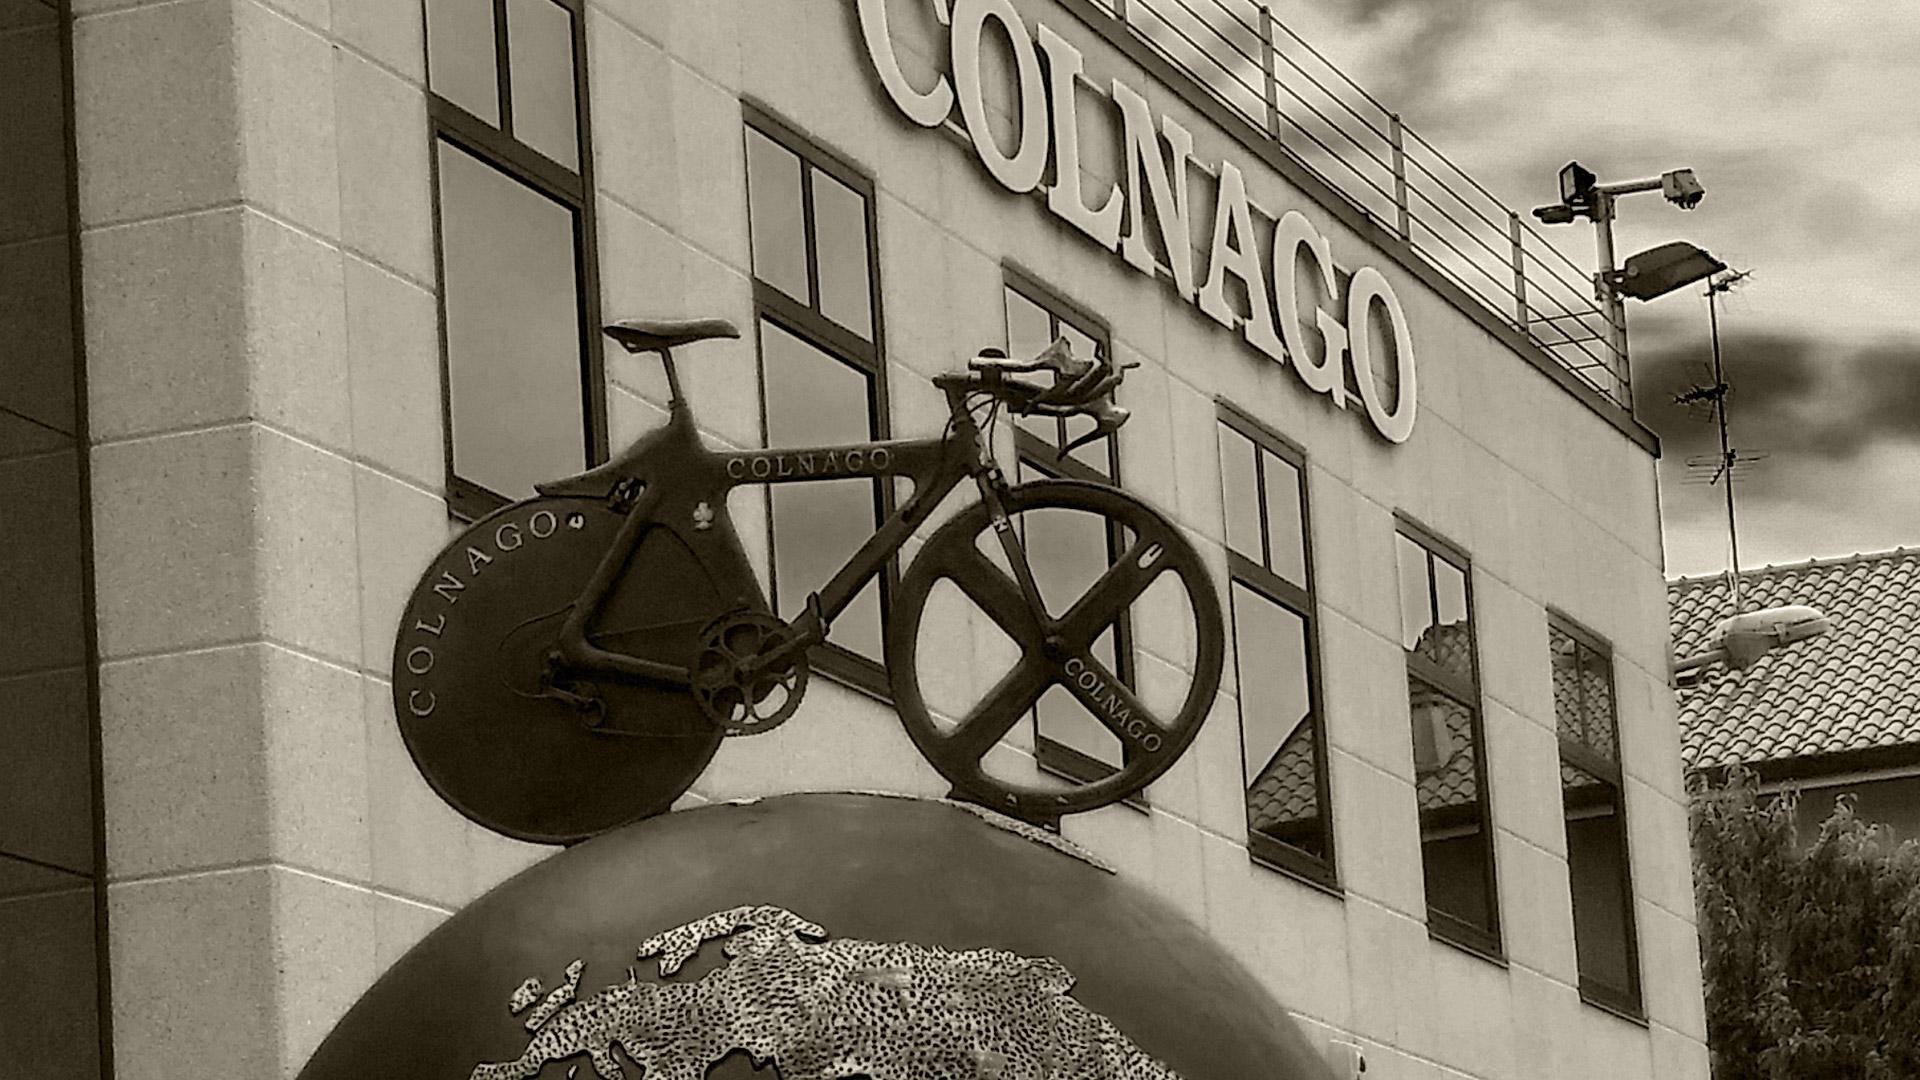 Cobbles bezoekt de legendarische Colnago fabriek in Italië – fotoreportage